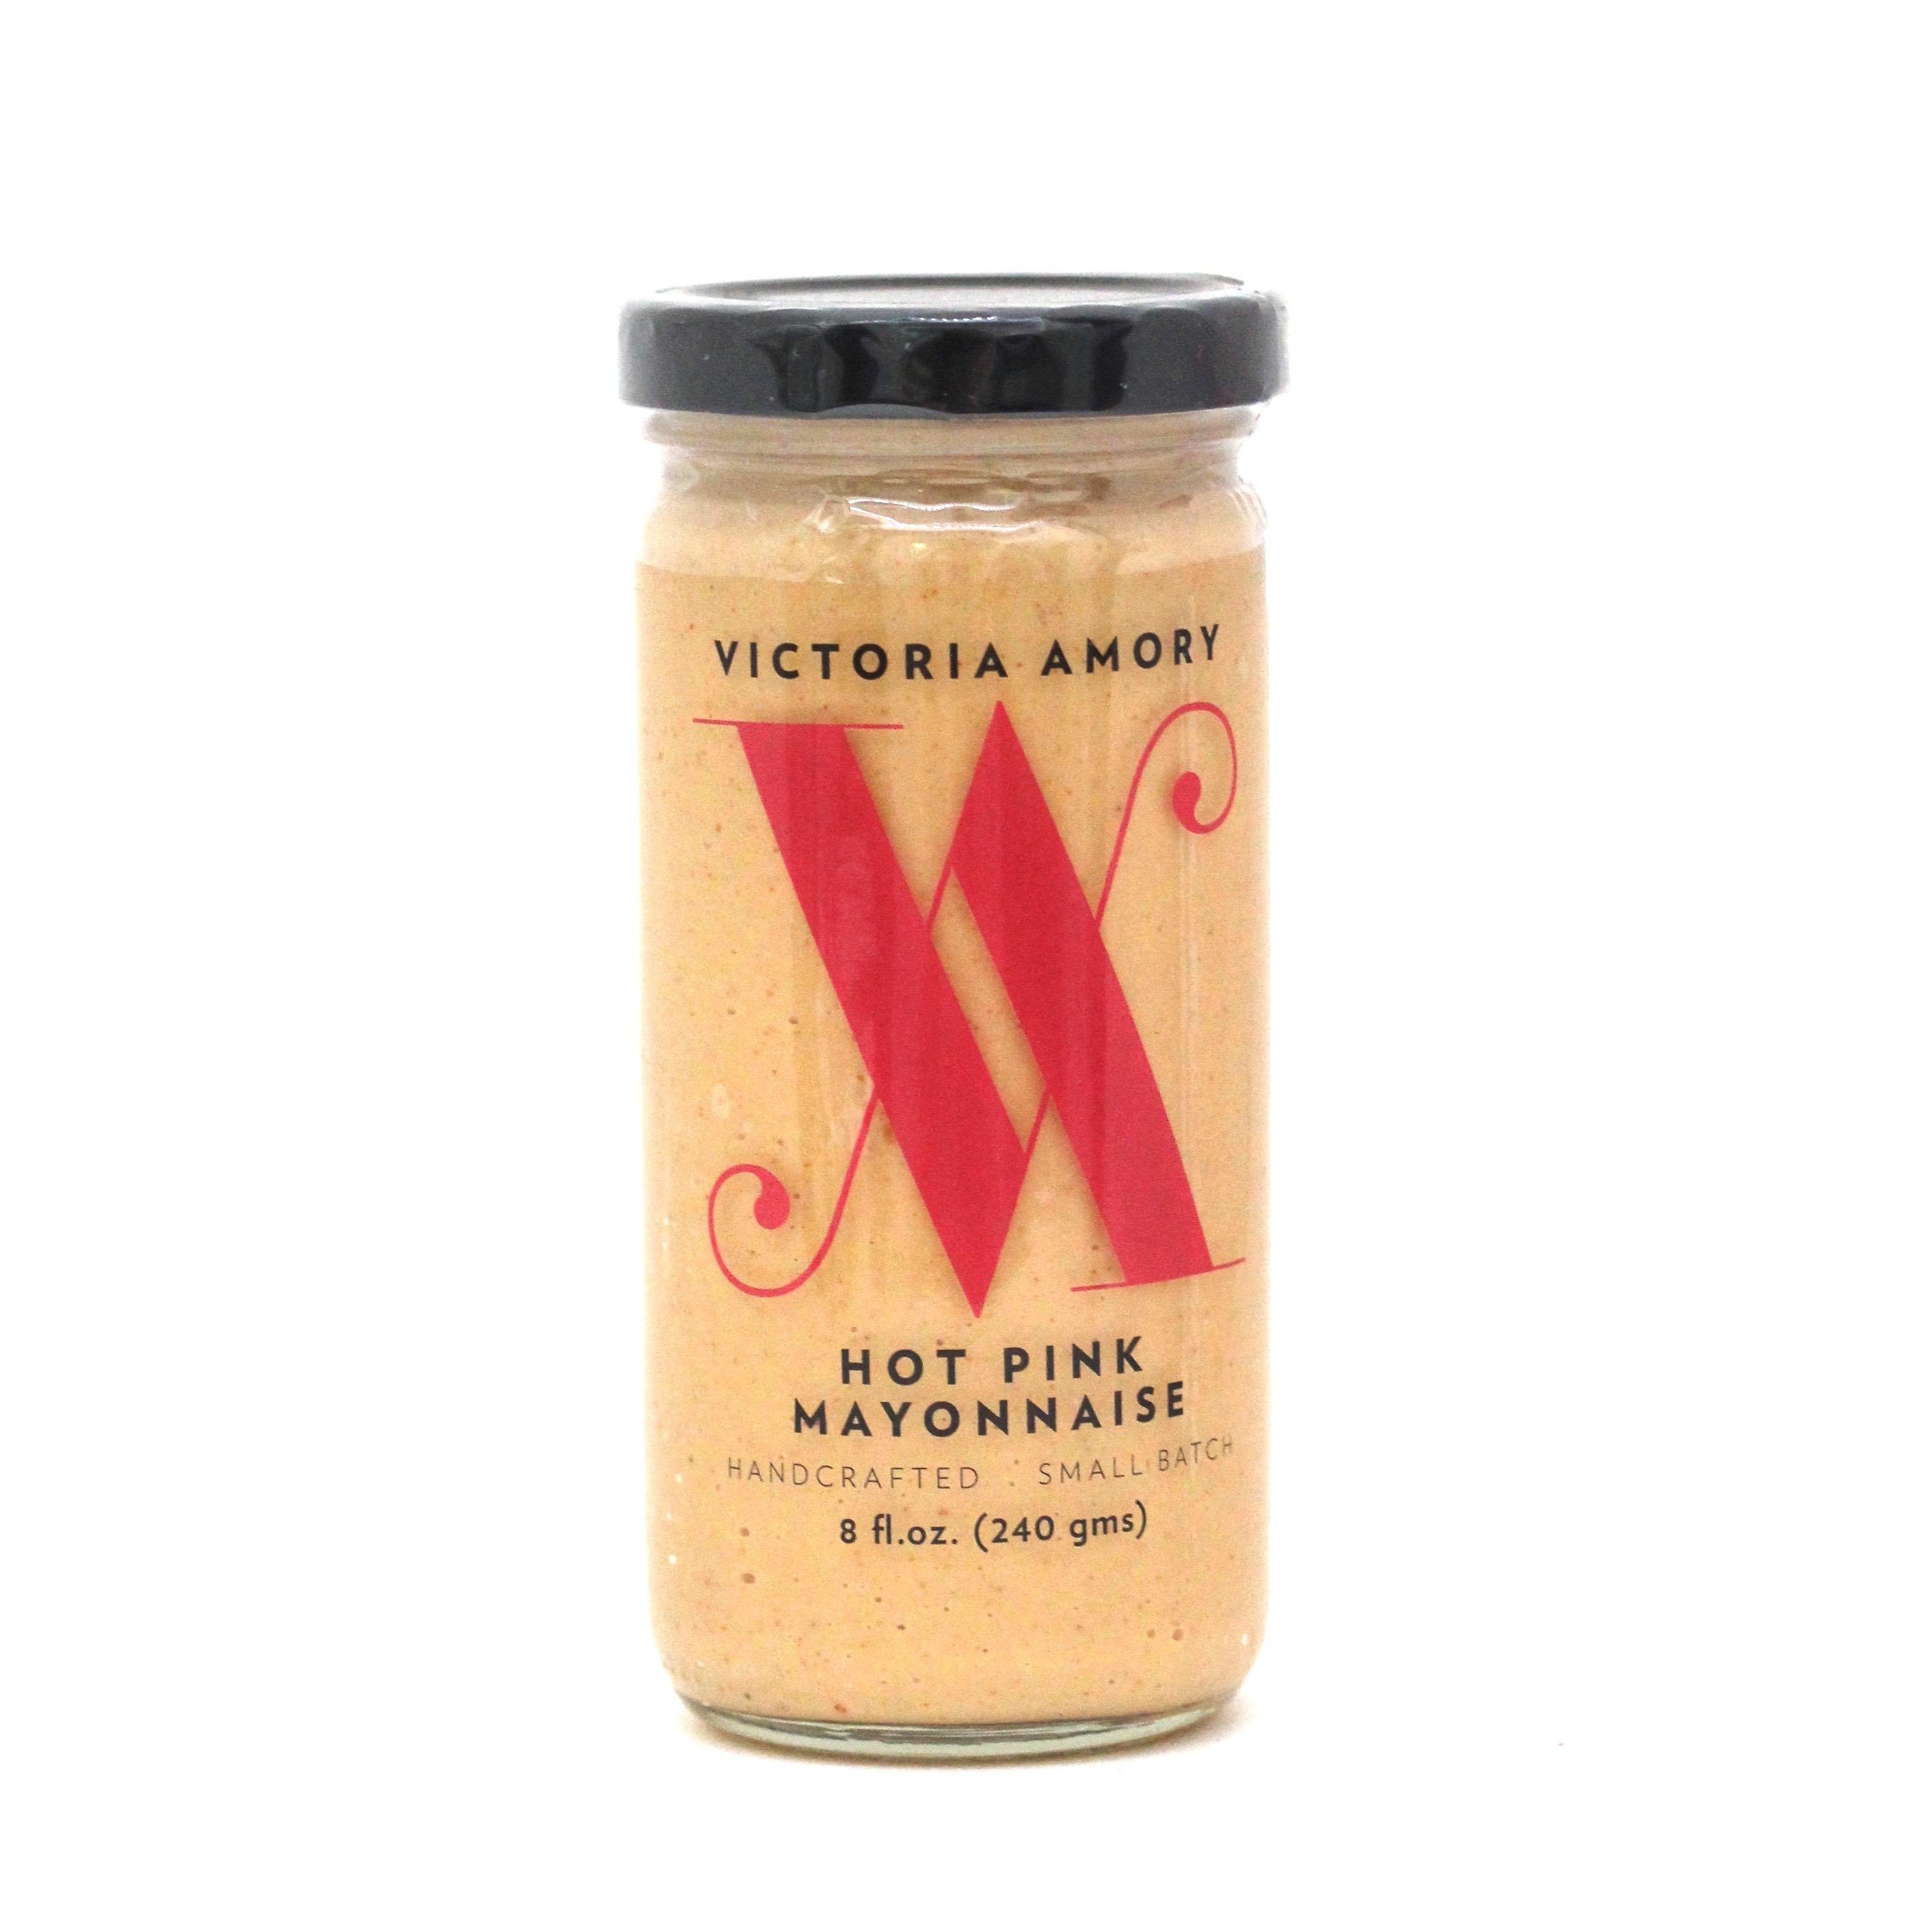 Victoria Amory: Hot Pink Mayonnaise